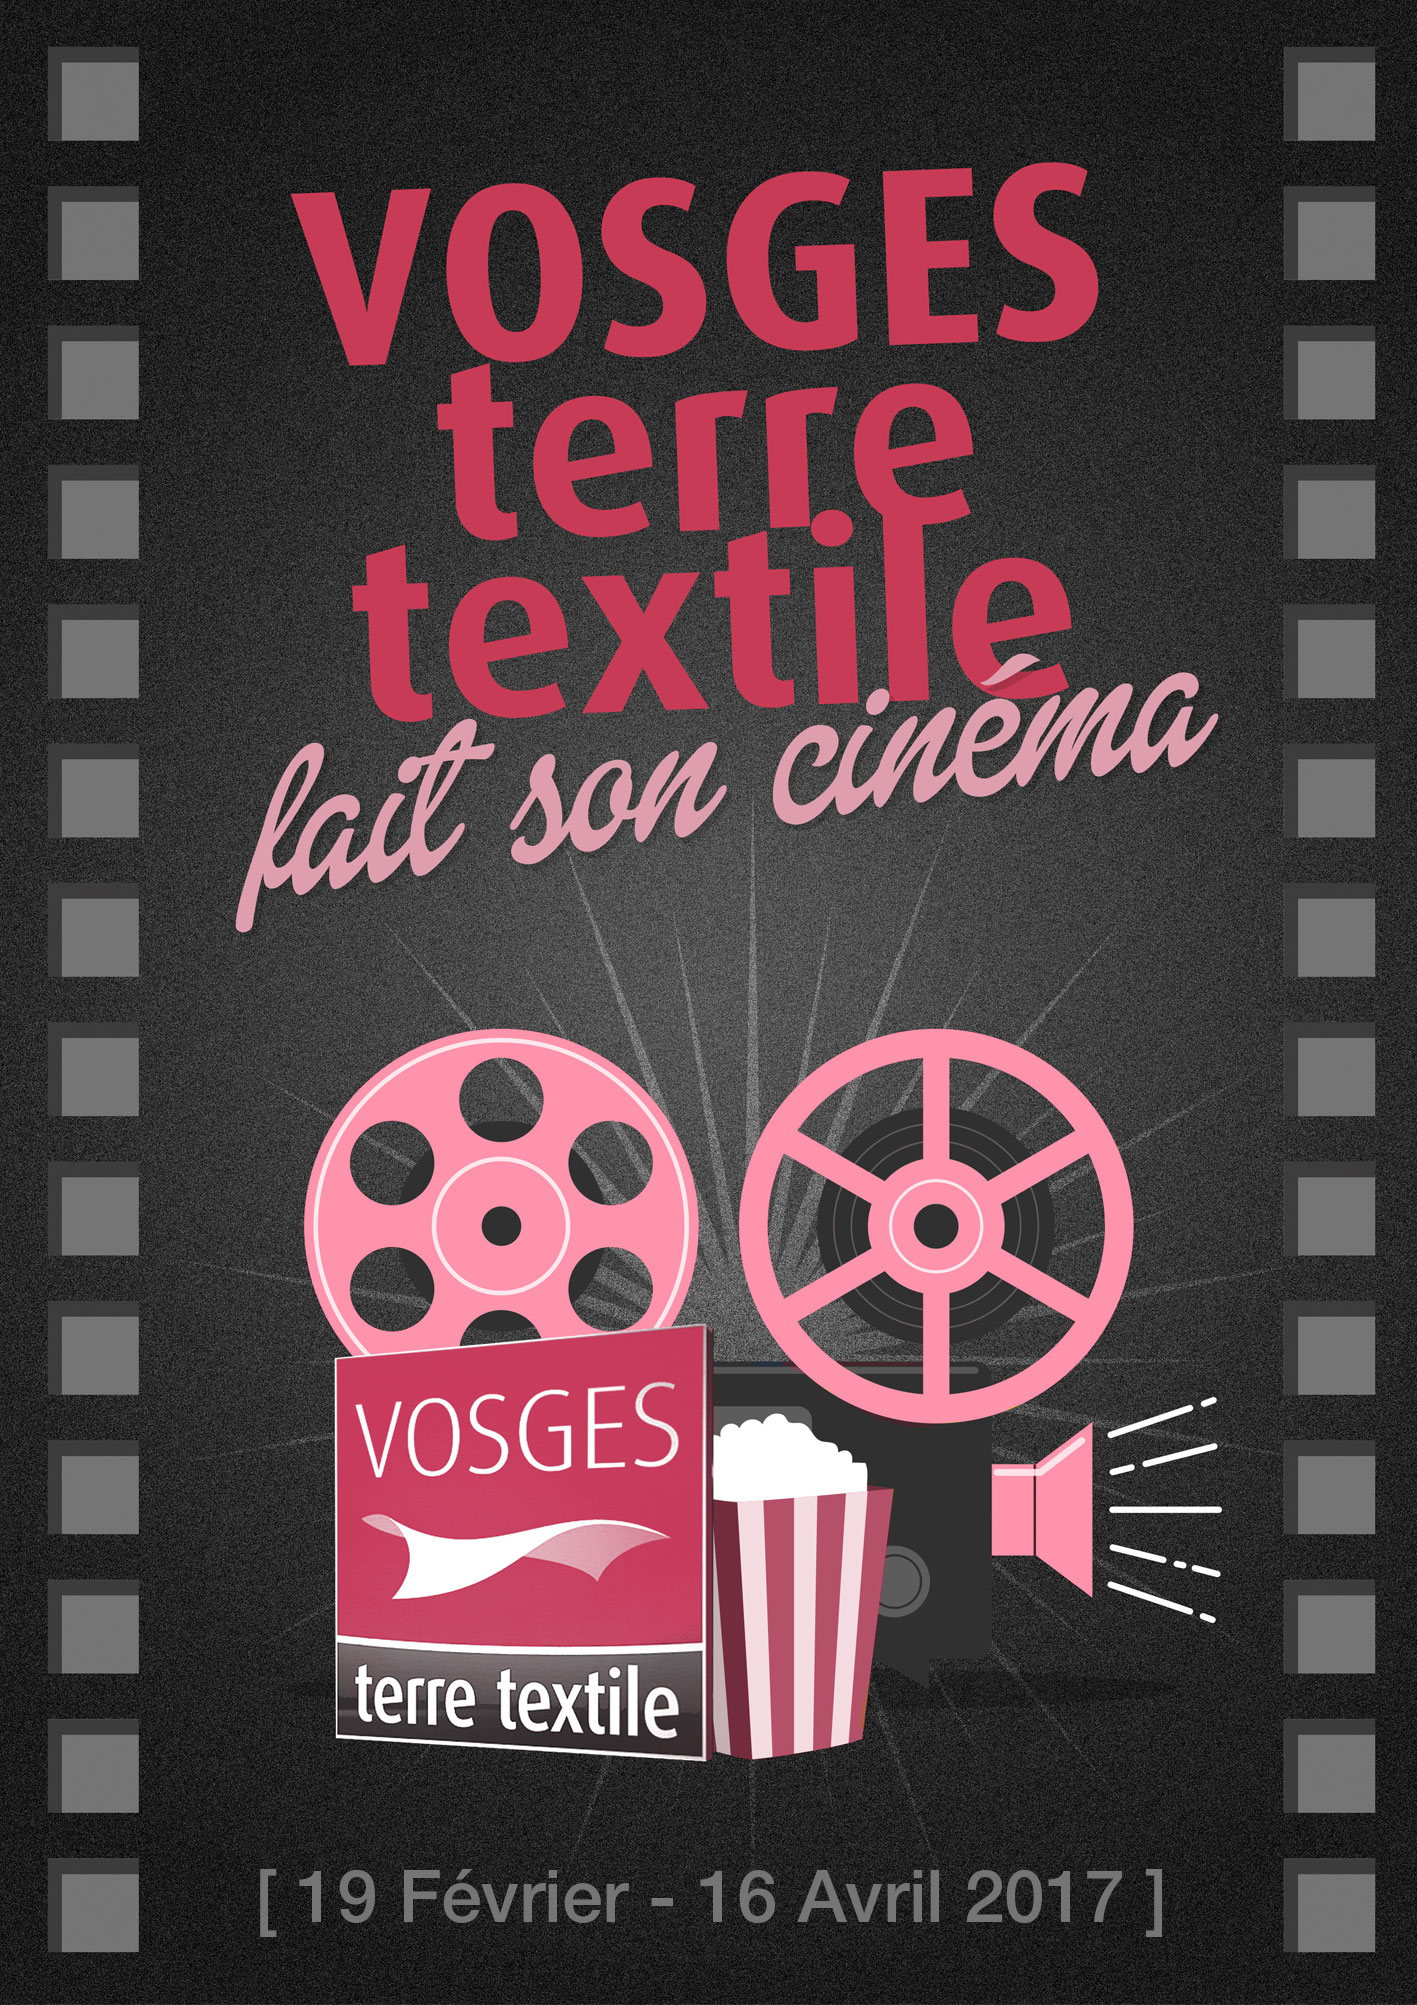 Dossier de presse Vosges terre textile fait son cinéma